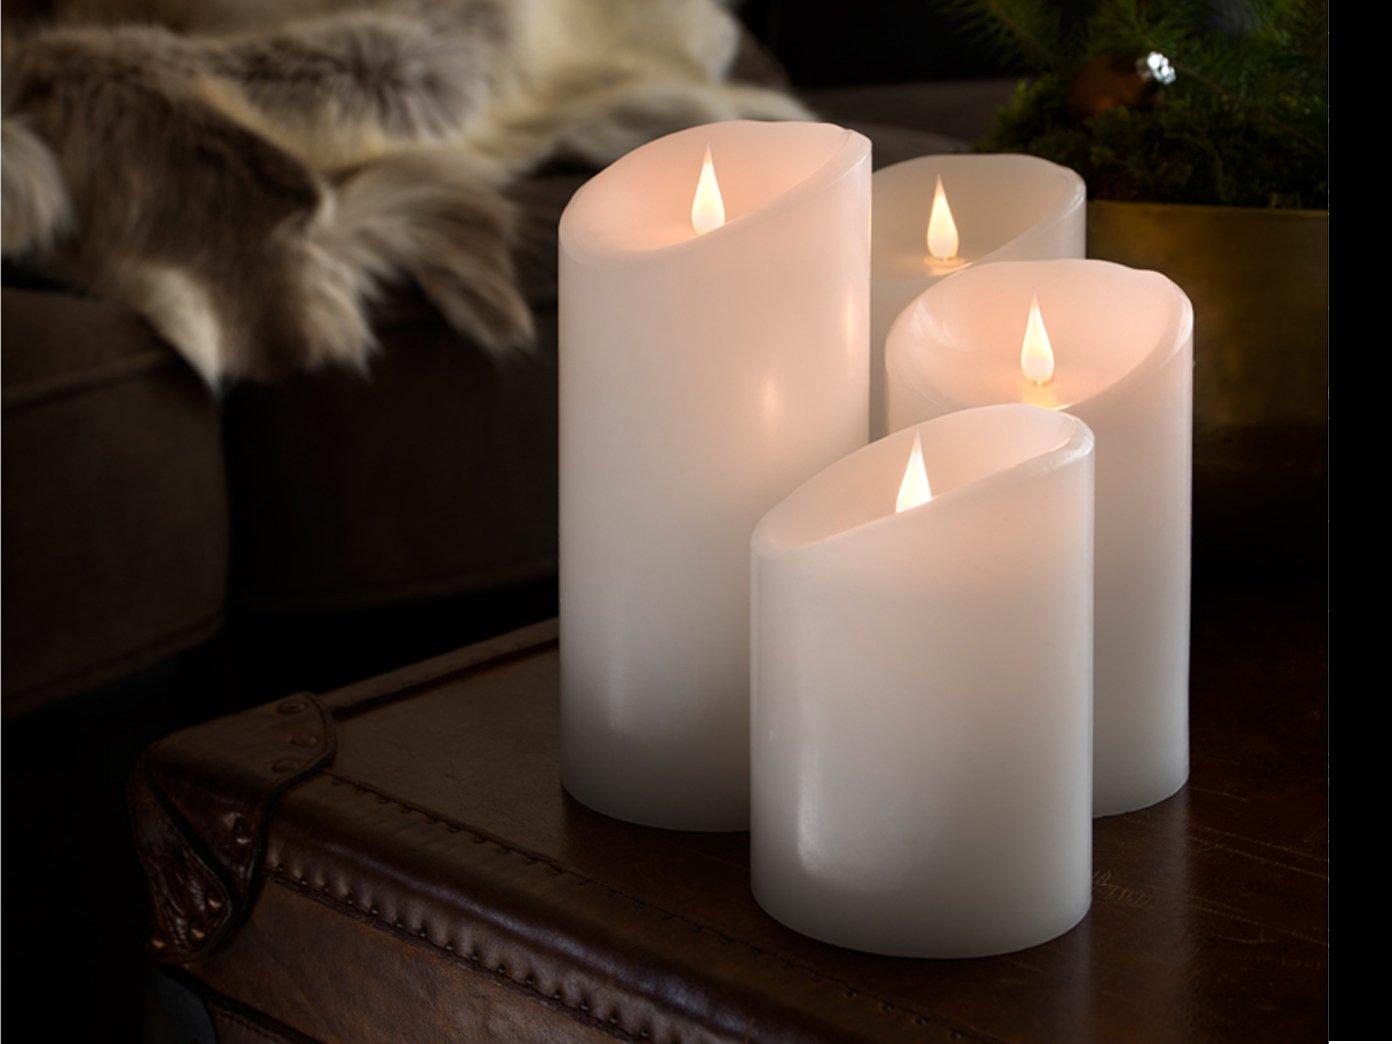 4er set LED Echtwachskerze mit 3D Flamme & 4 8h Timer, Ø 10cm, Höhe 14 16 18 21,5cm, Batteriebetrieb  jeweils 2x C 1,5W (exkl.)